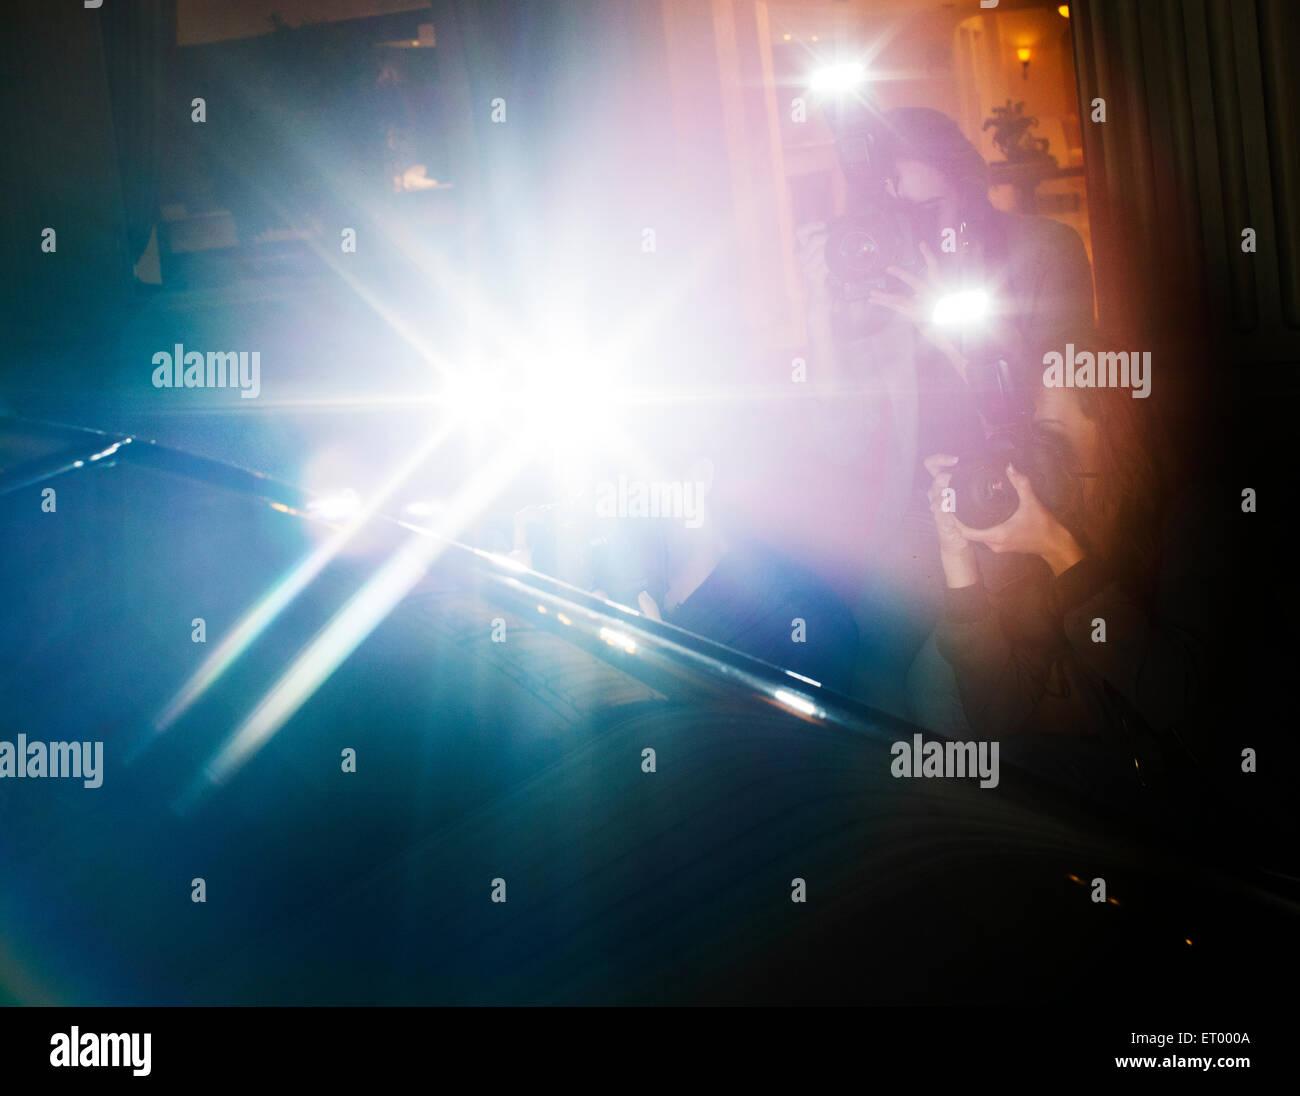 Objektiv Fackel Blitz von Paparazzi-Fotografen Fotografieren bei Veranstaltung Stockbild